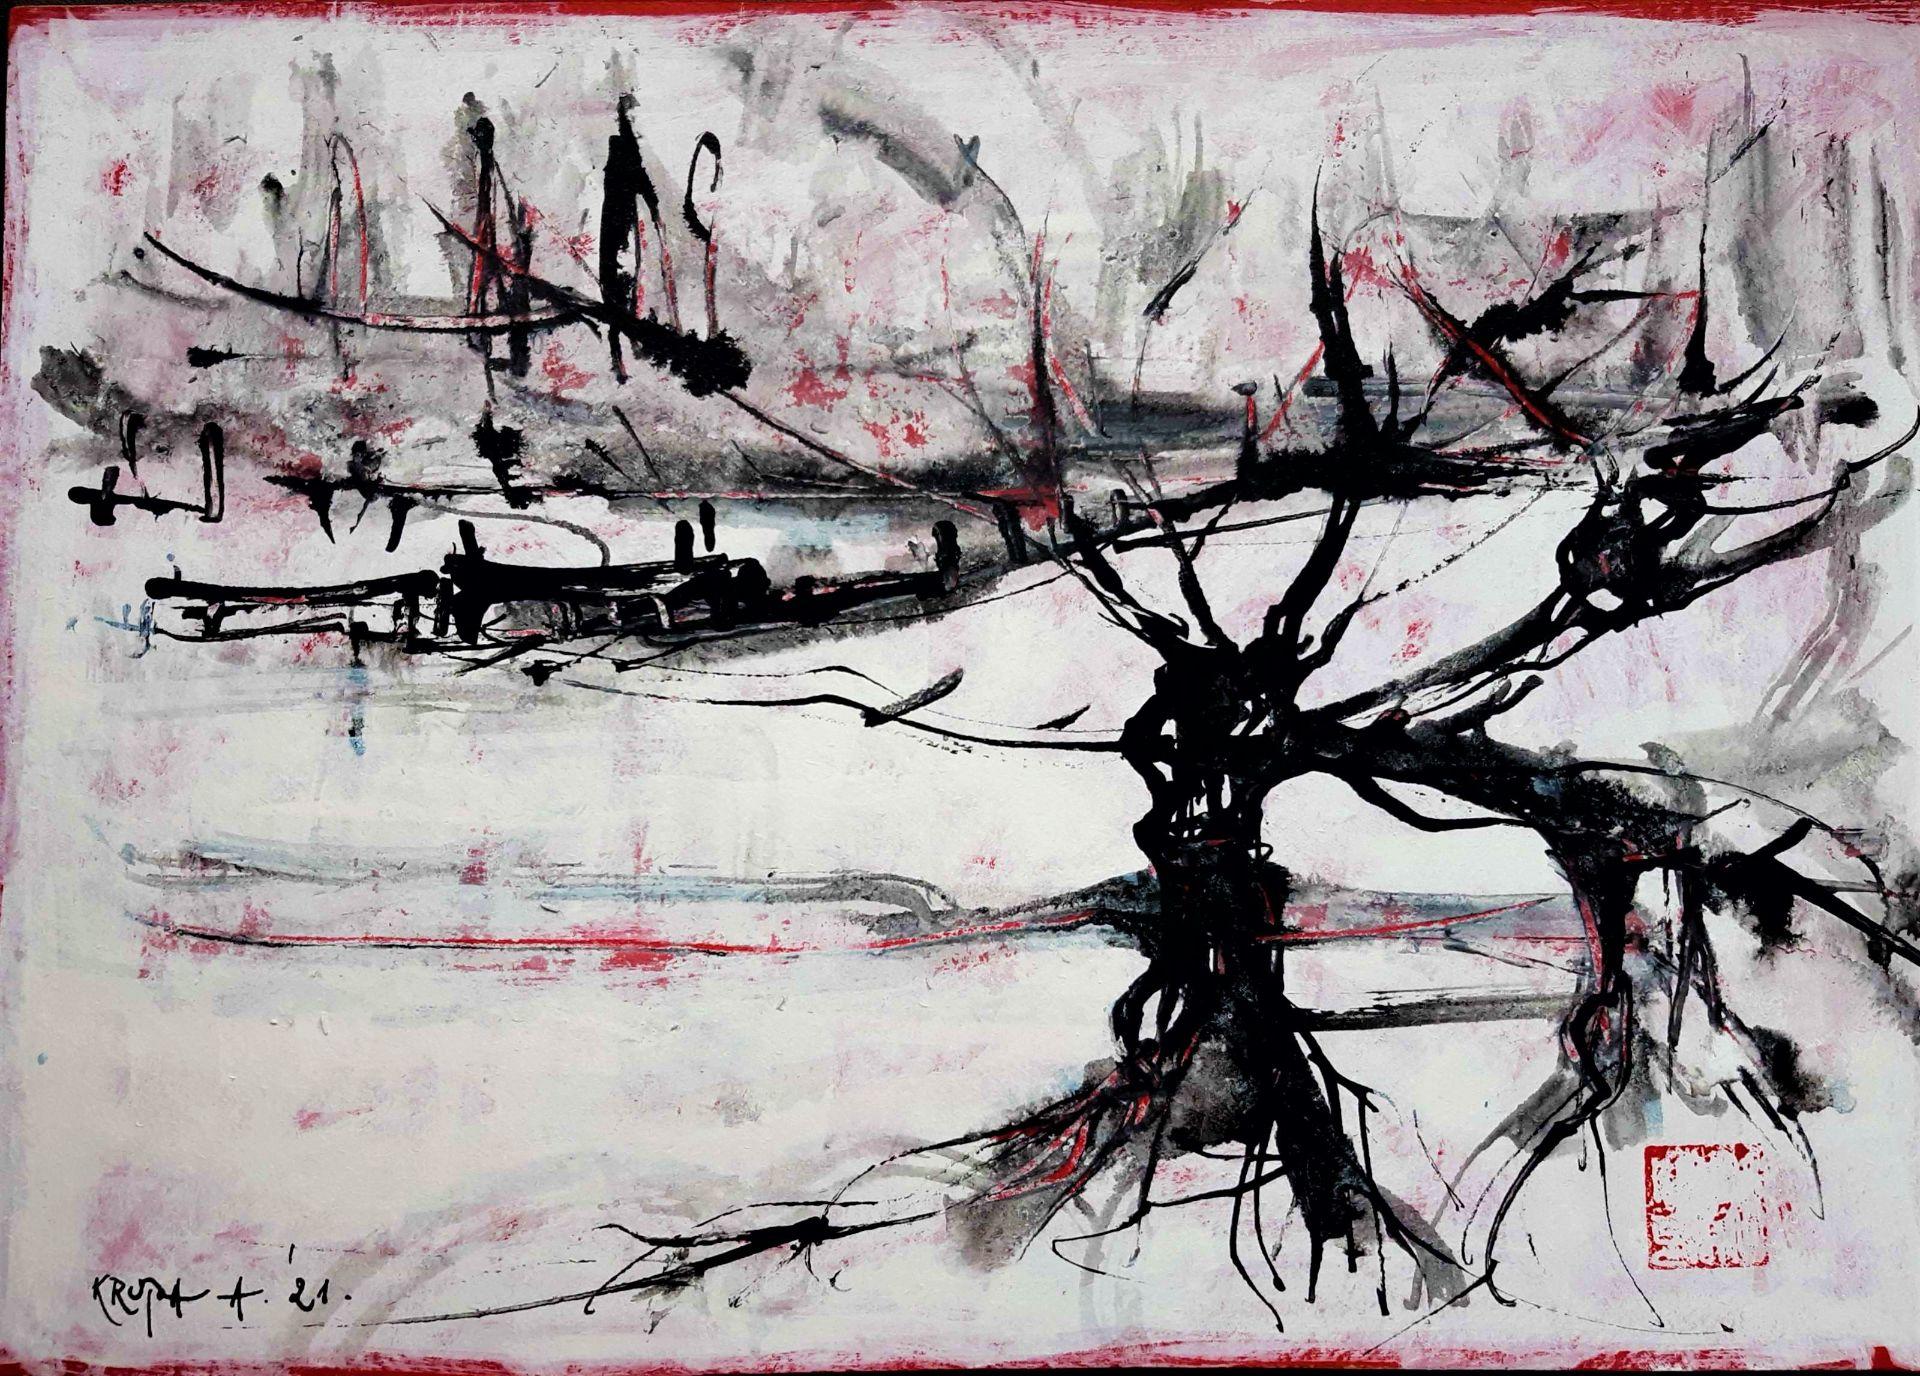 Alfred Krupa proslavio hrvatsko i karlovačko slikarstvo diljem svijeta